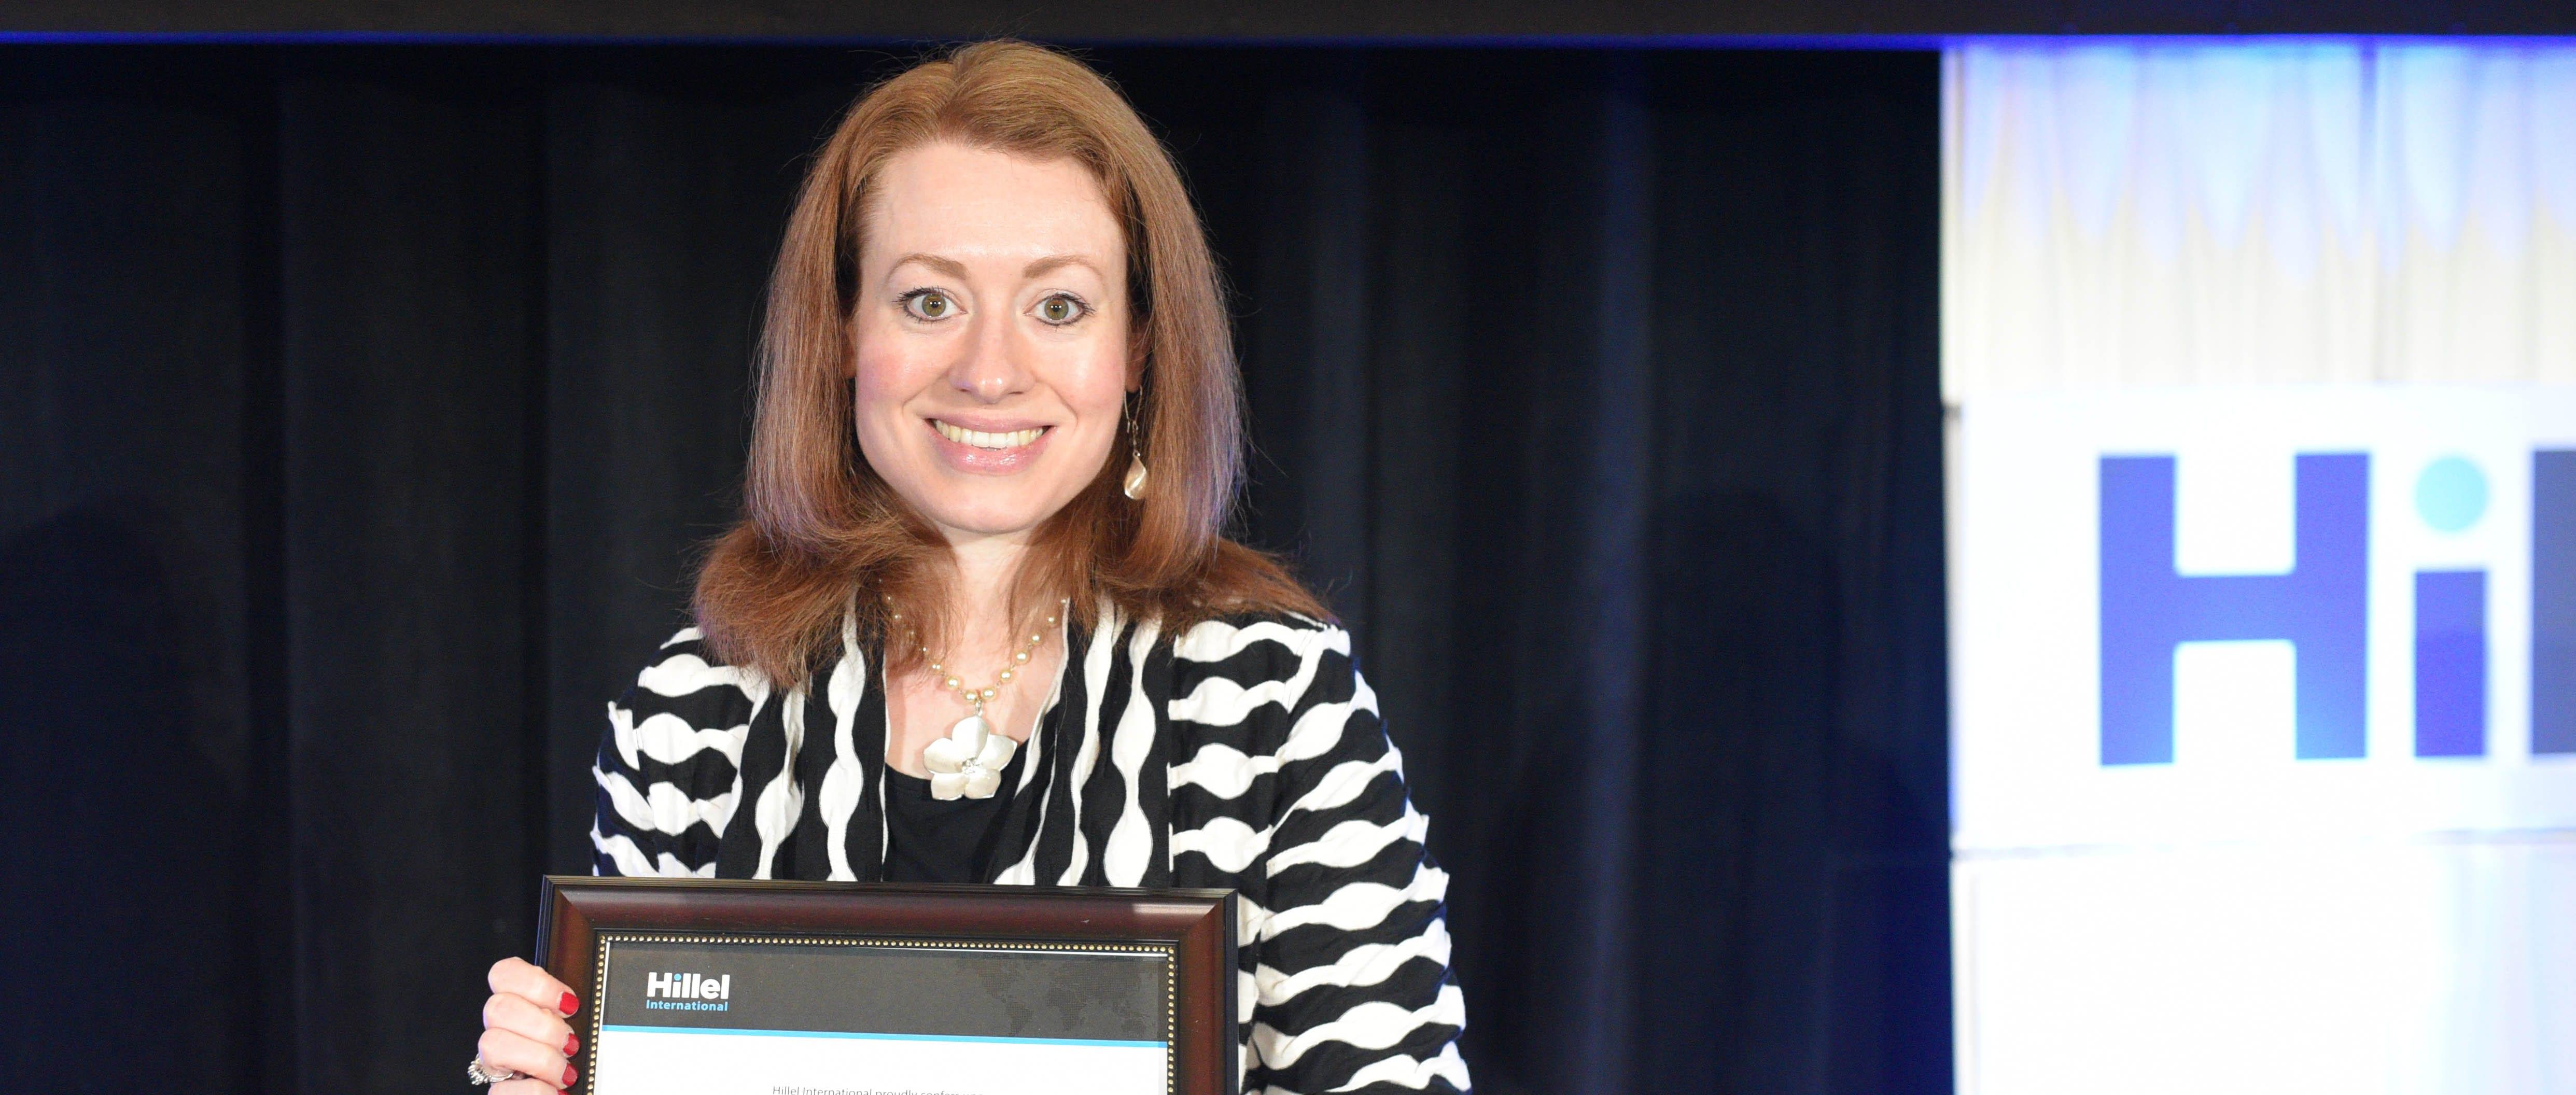 Erin Schreiber, manager, Maryville University Hillel